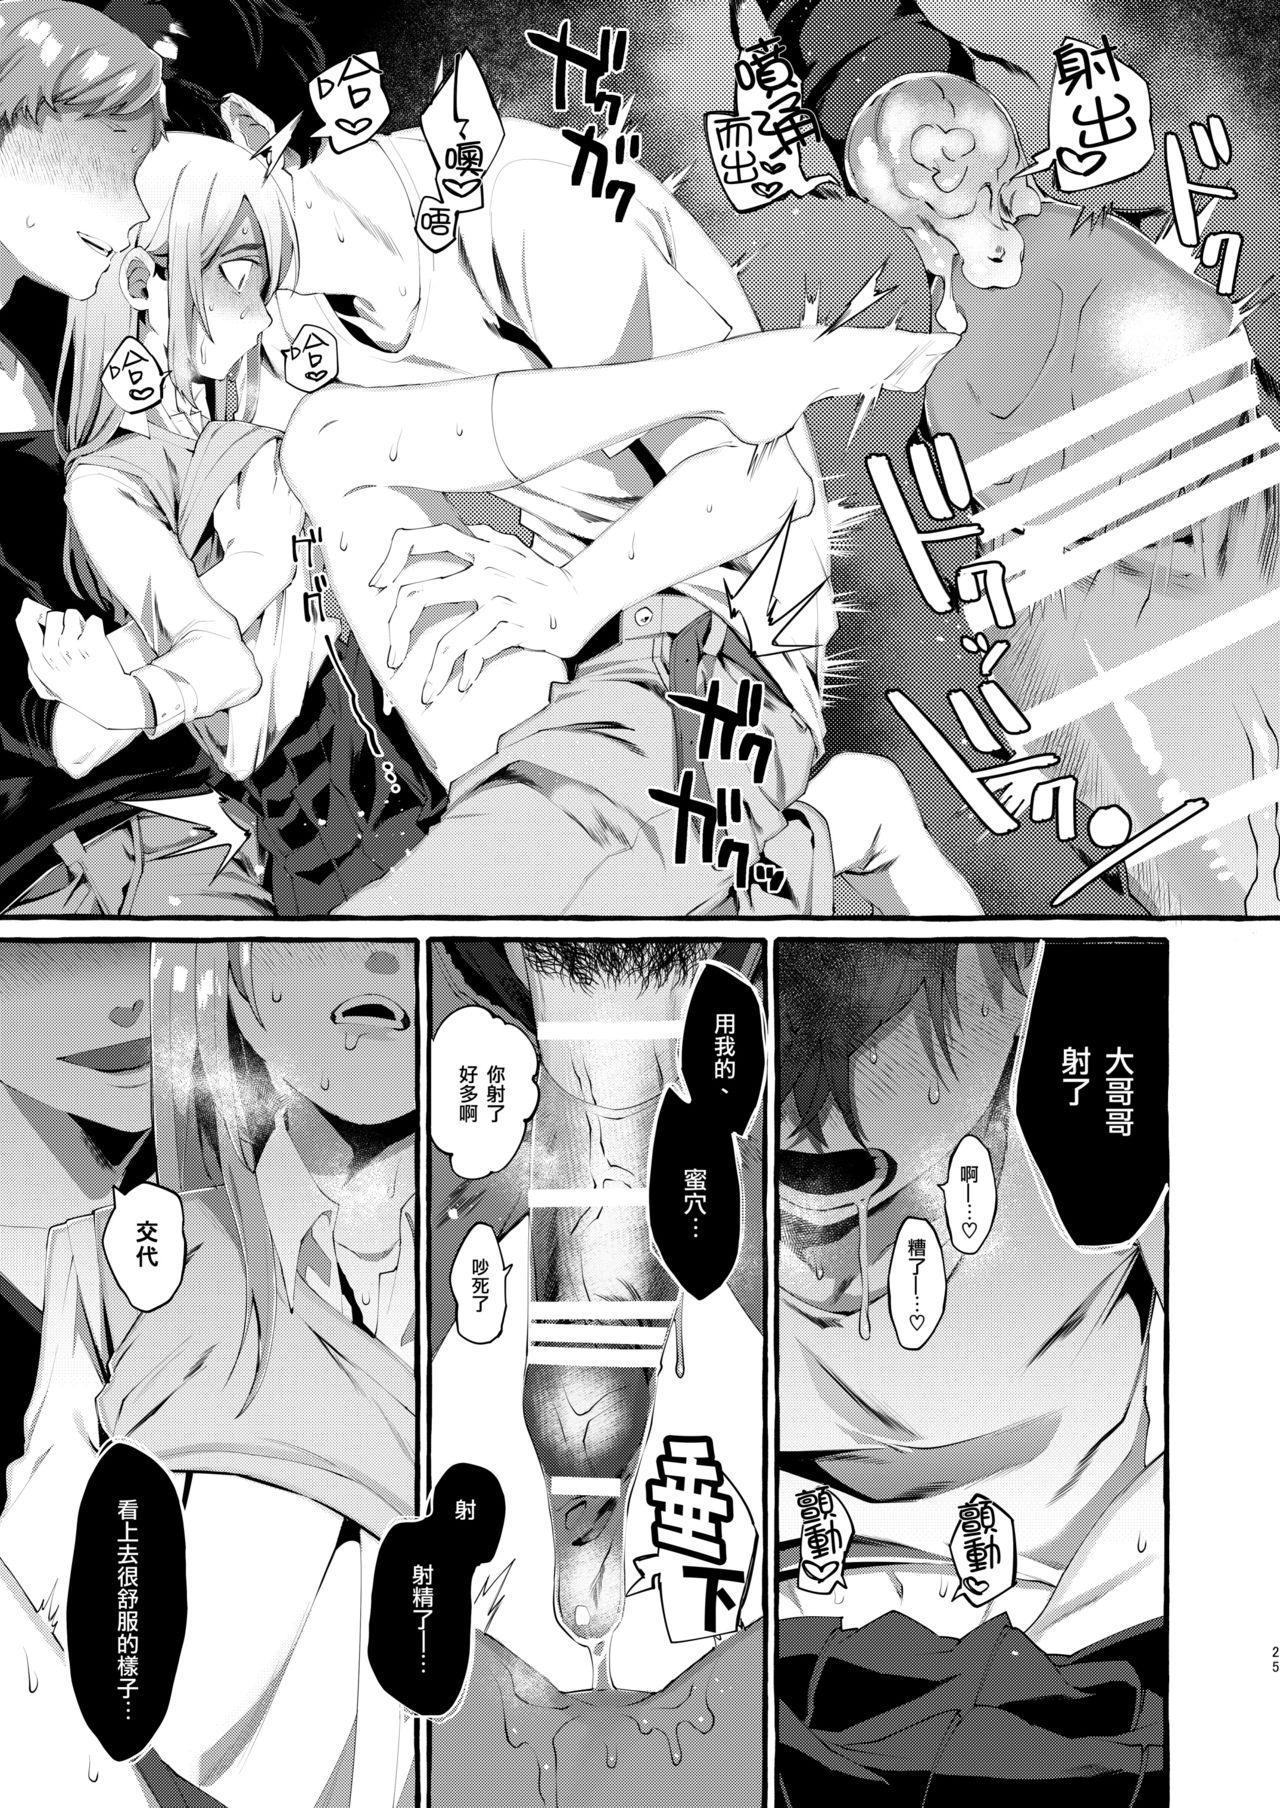 Joshigakusei o Rachi Yuukai Shita to Omottara Otokonoko datta. | 本以为诱拐了女学生却发现是伪娘。 24